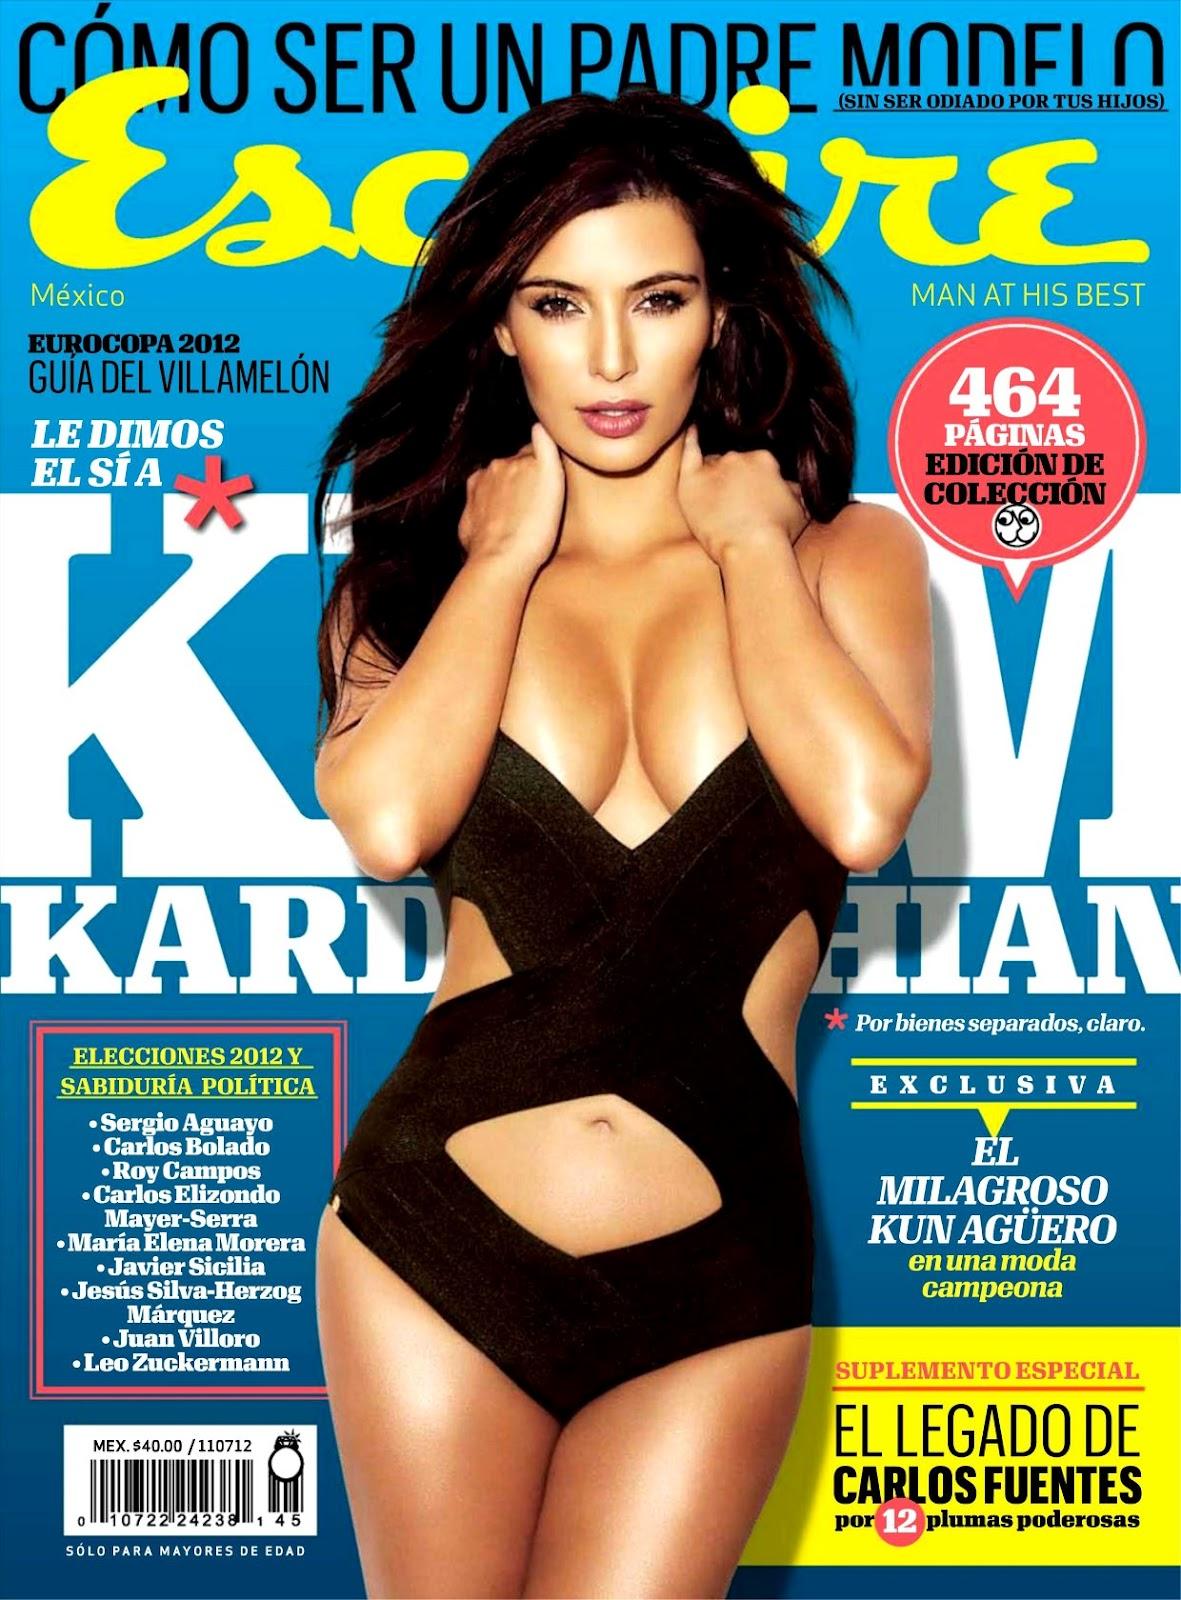 http://3.bp.blogspot.com/-YxwJS5dh8po/T9MOVaTWDRI/AAAAAAAAaVI/8-paqrE7NCw/s1600/Kim-Kardashian-12.jpg